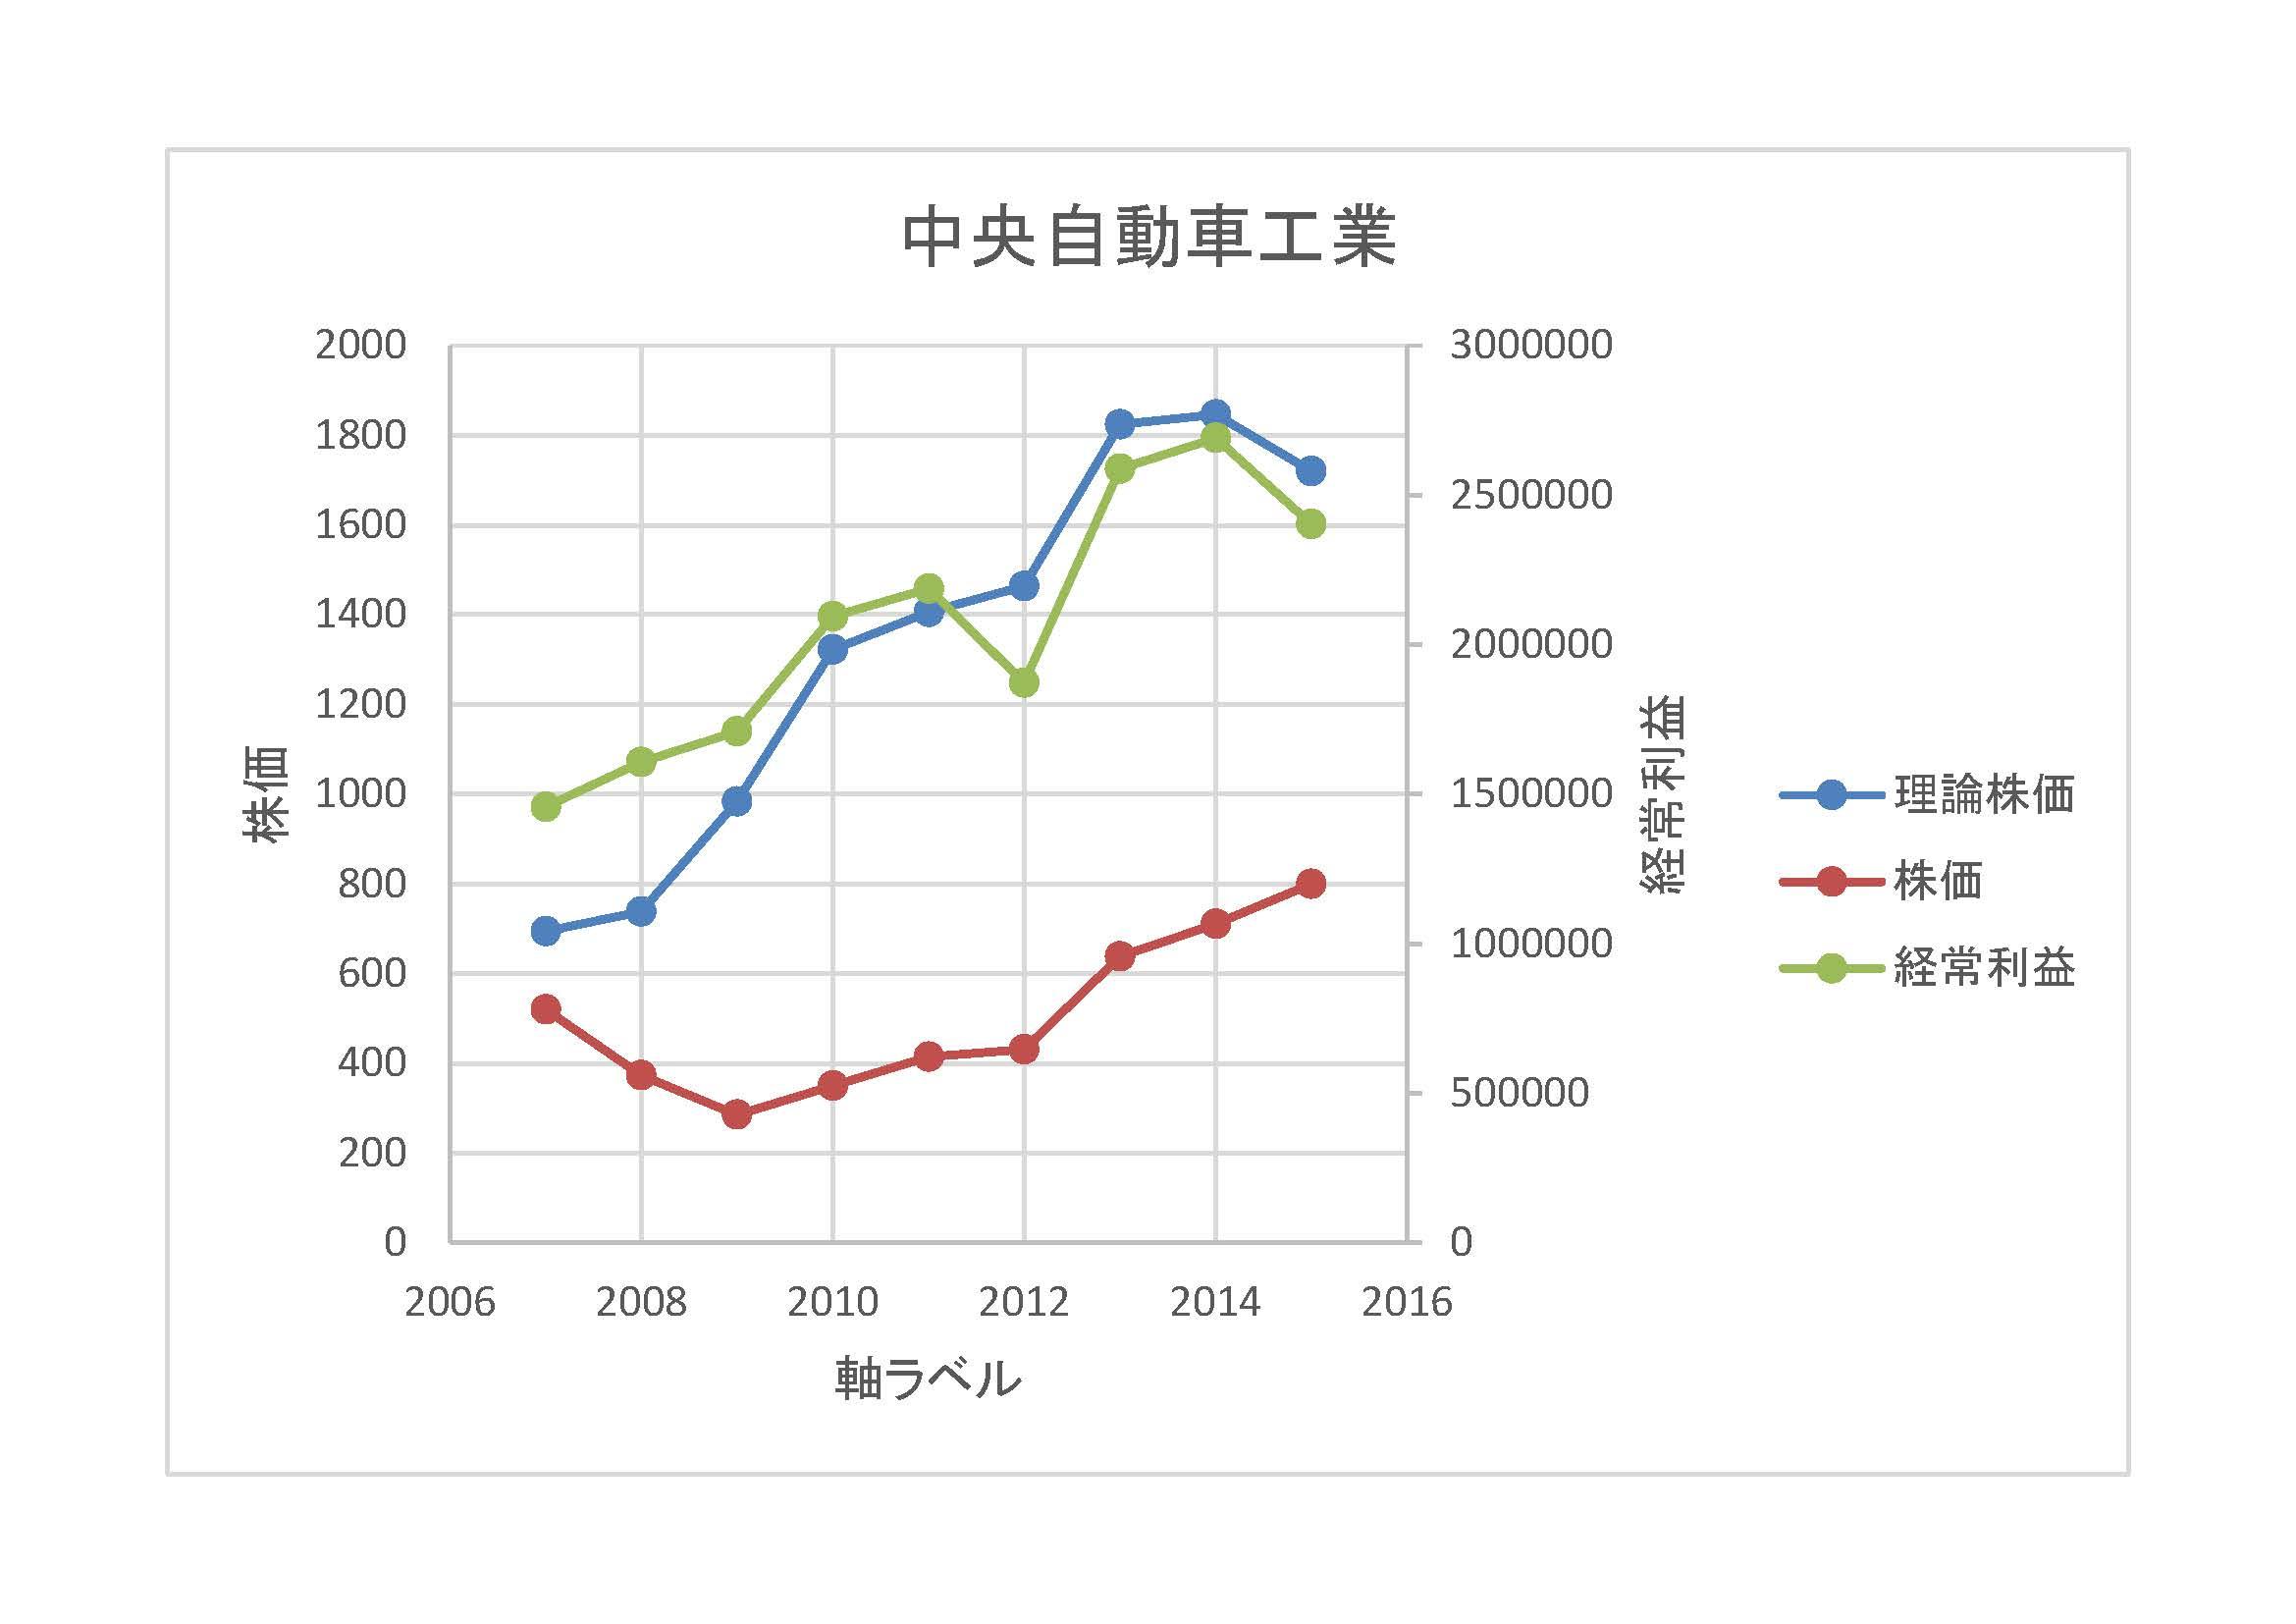 中央自動車工業-理論株価